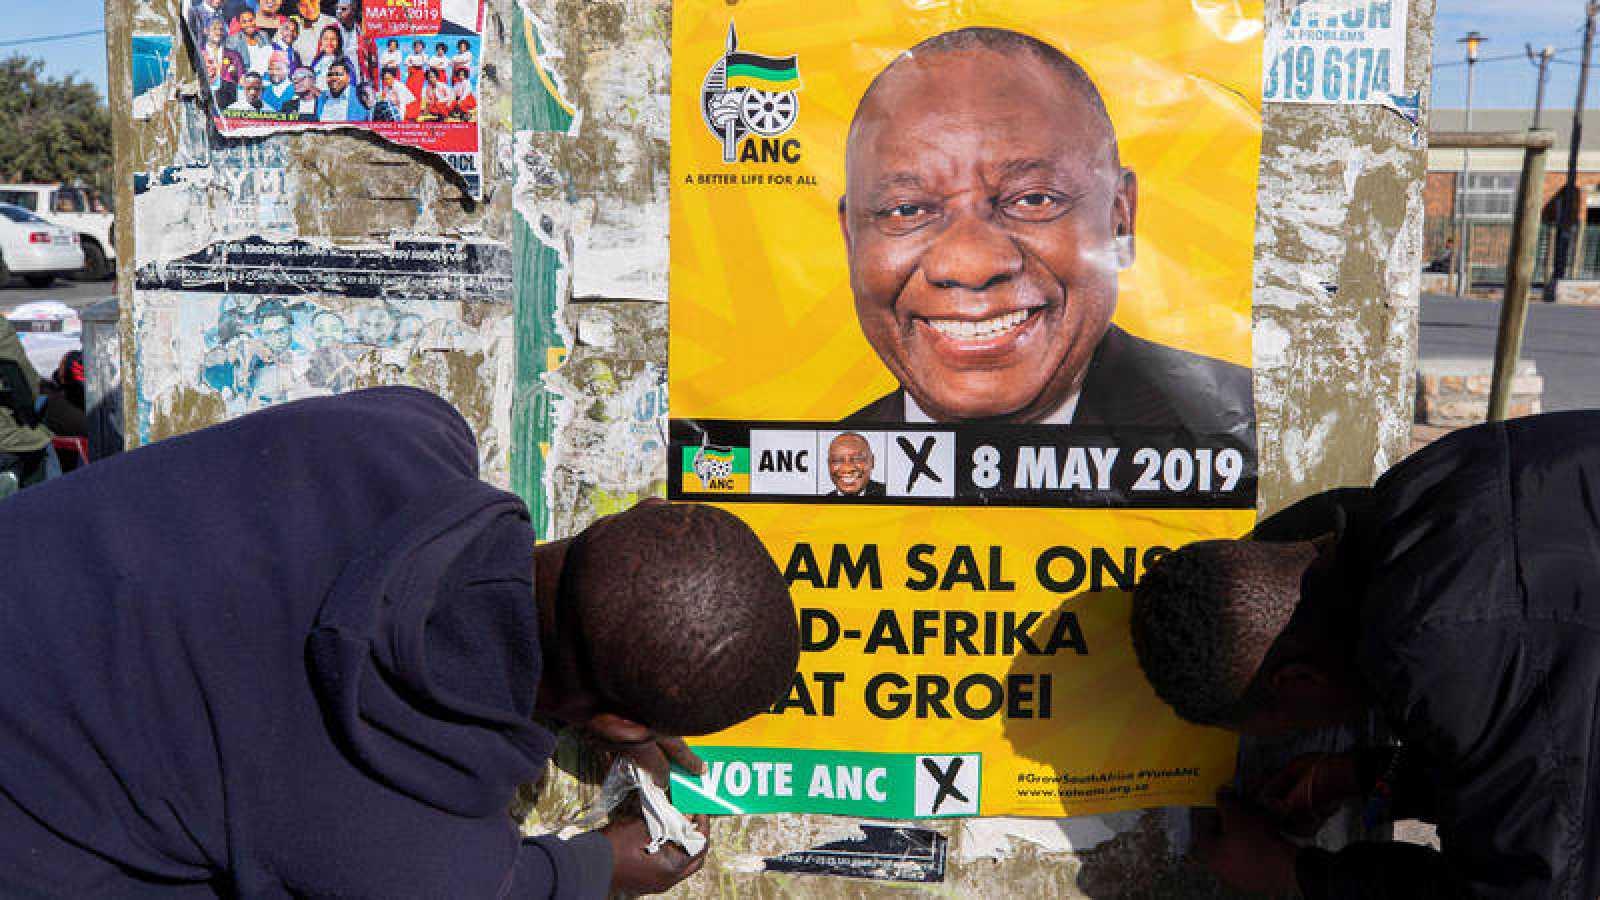 Un grupo de voluntarios colocan un cartel de Cyril Ramaphosa en Ciudad del Cabo